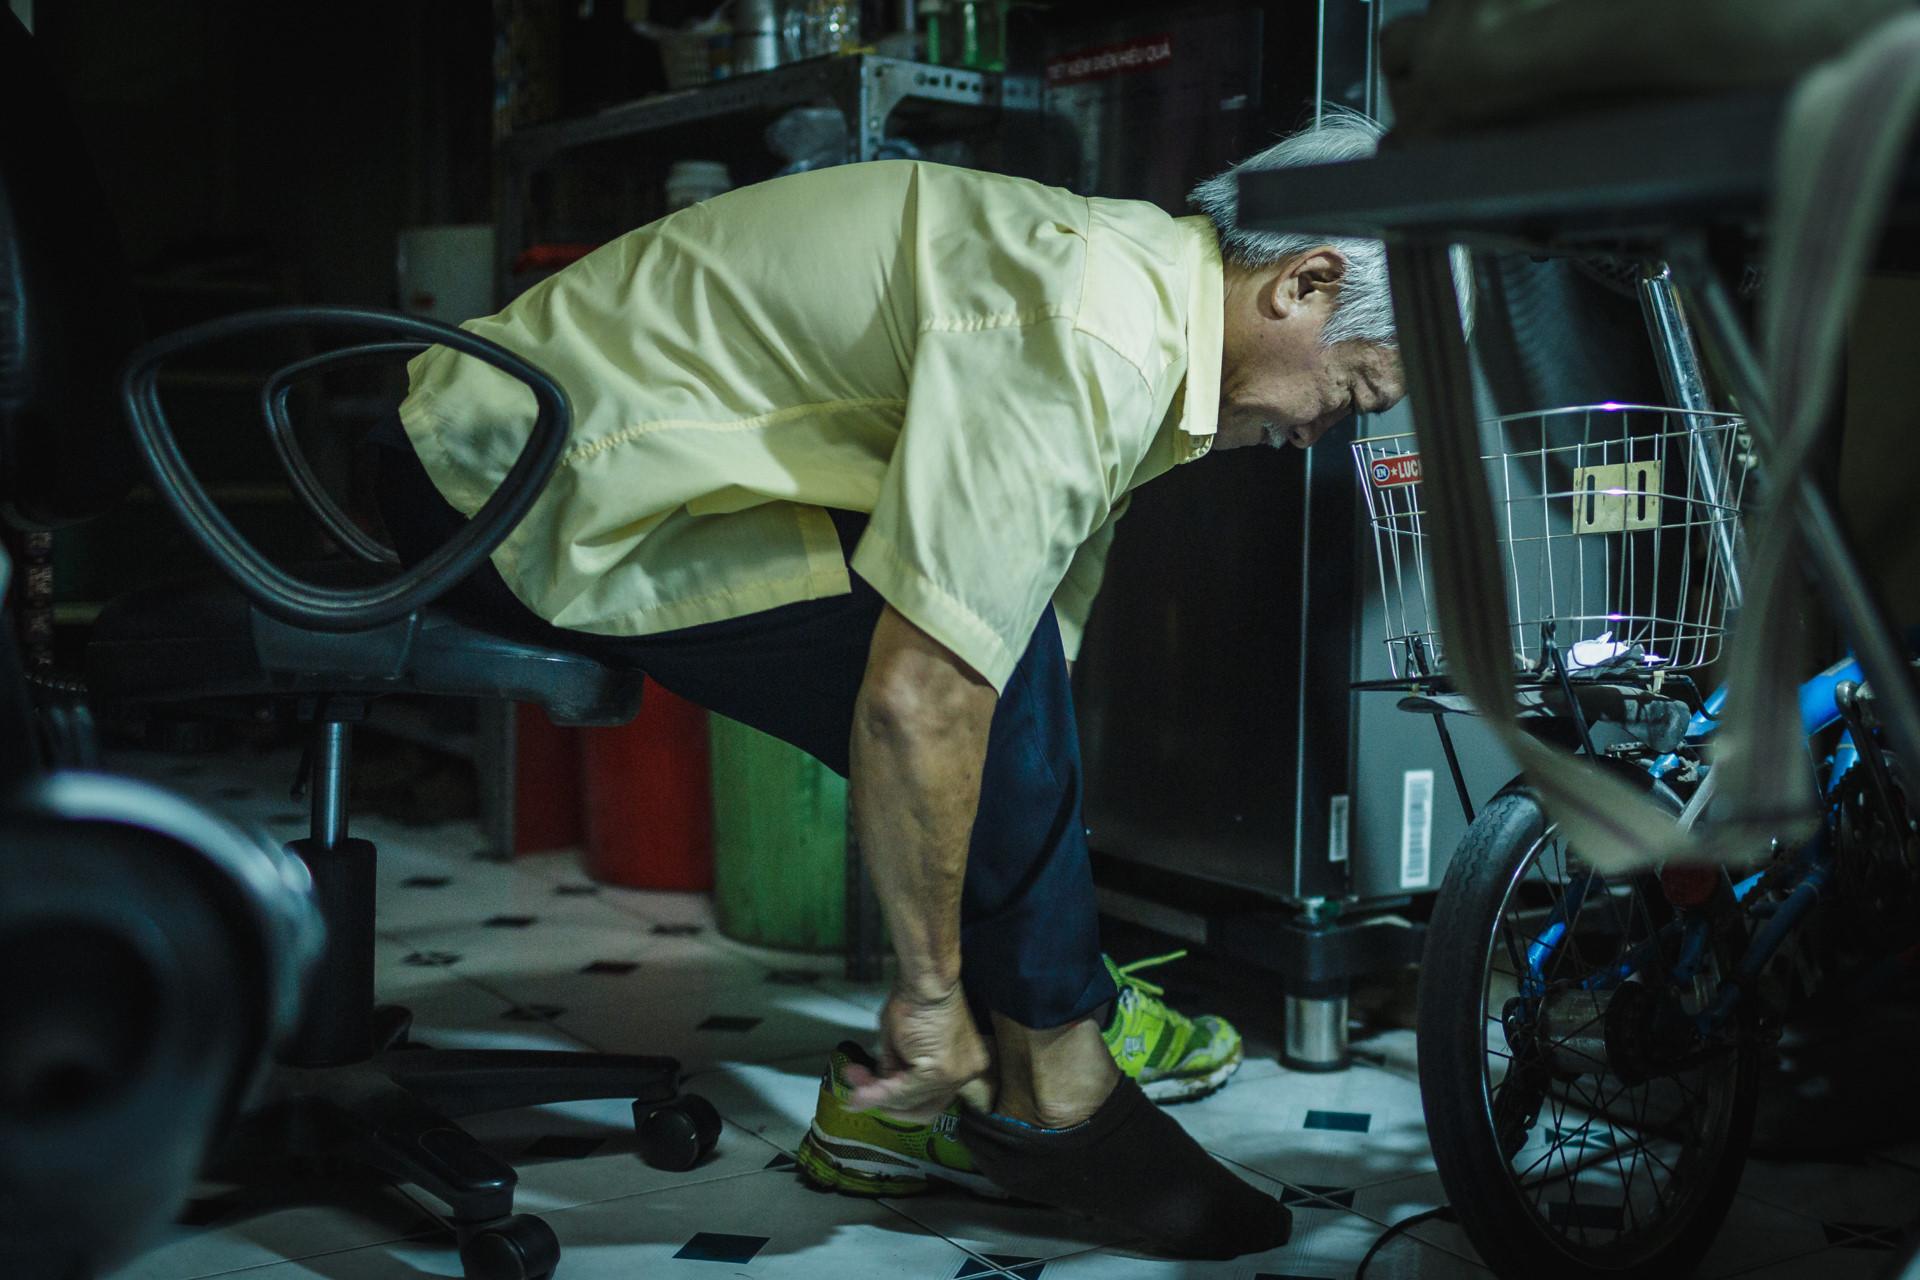 Mỗi ngày, ông thức dậy lúc 4h30 sáng, phụ vợ dọn hàng cơm tấm tại nhà, tập thể dục rồi mới đạp xe đến trường.